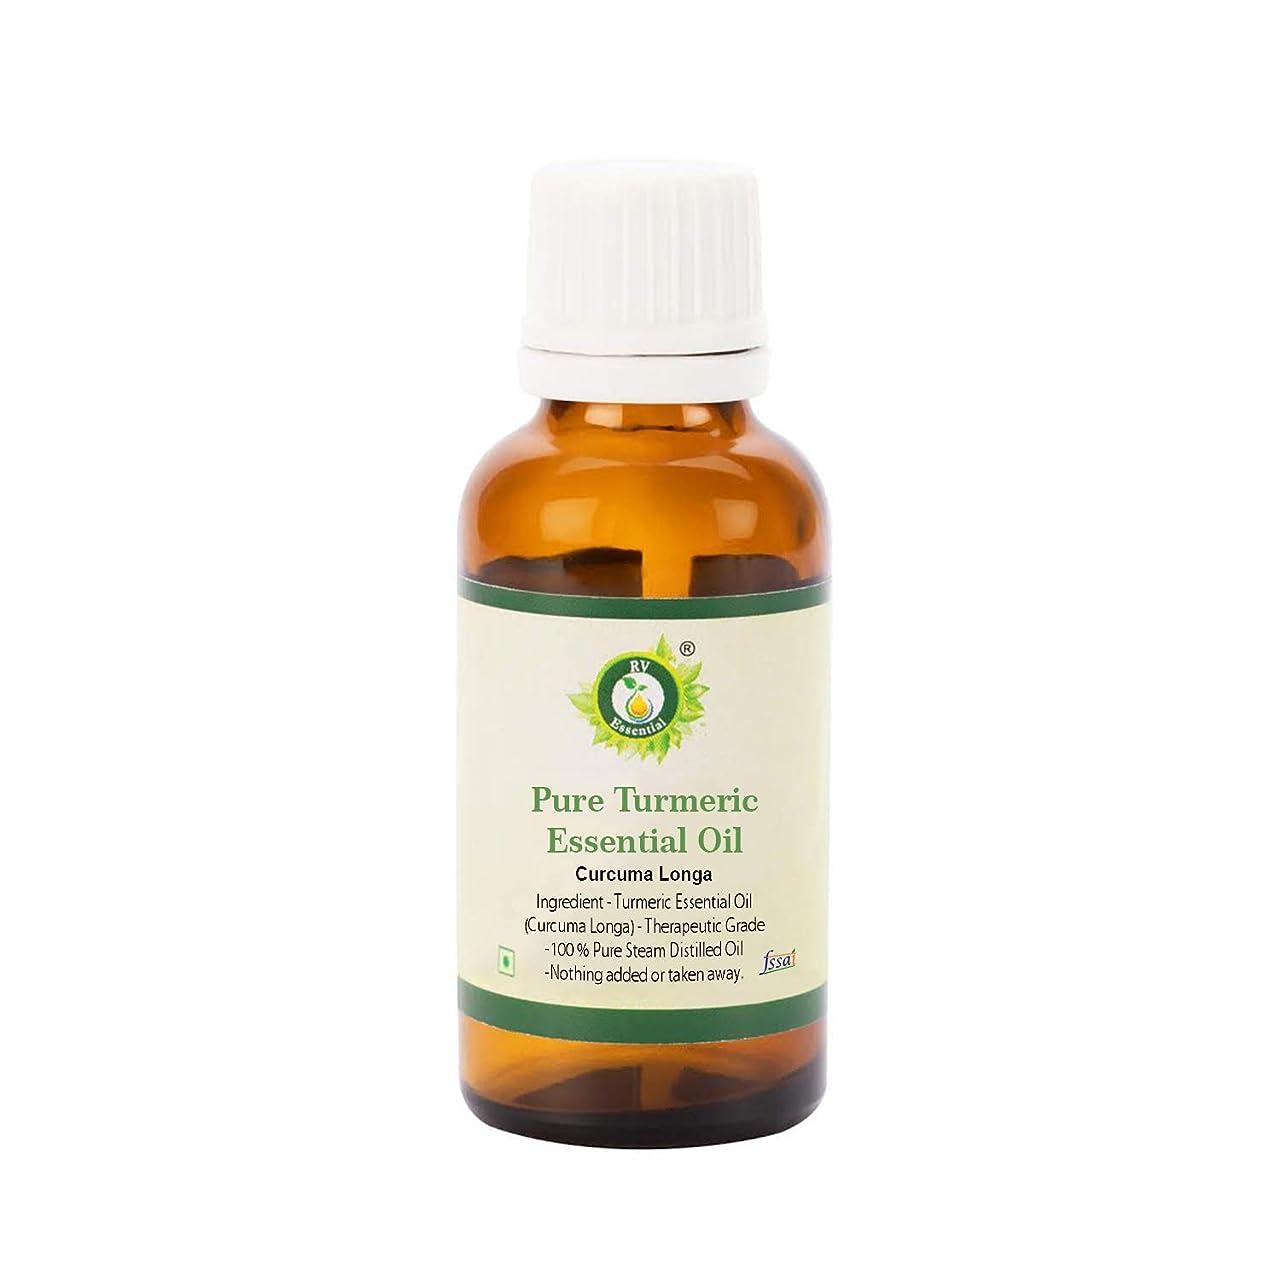 反対したなぜなら乙女R V Essential 純粋なウコン精油5ml (0.169oz)- Curcuma Longa (100%純粋&天然スチームDistilled) Pure Turmeric Essential Oil